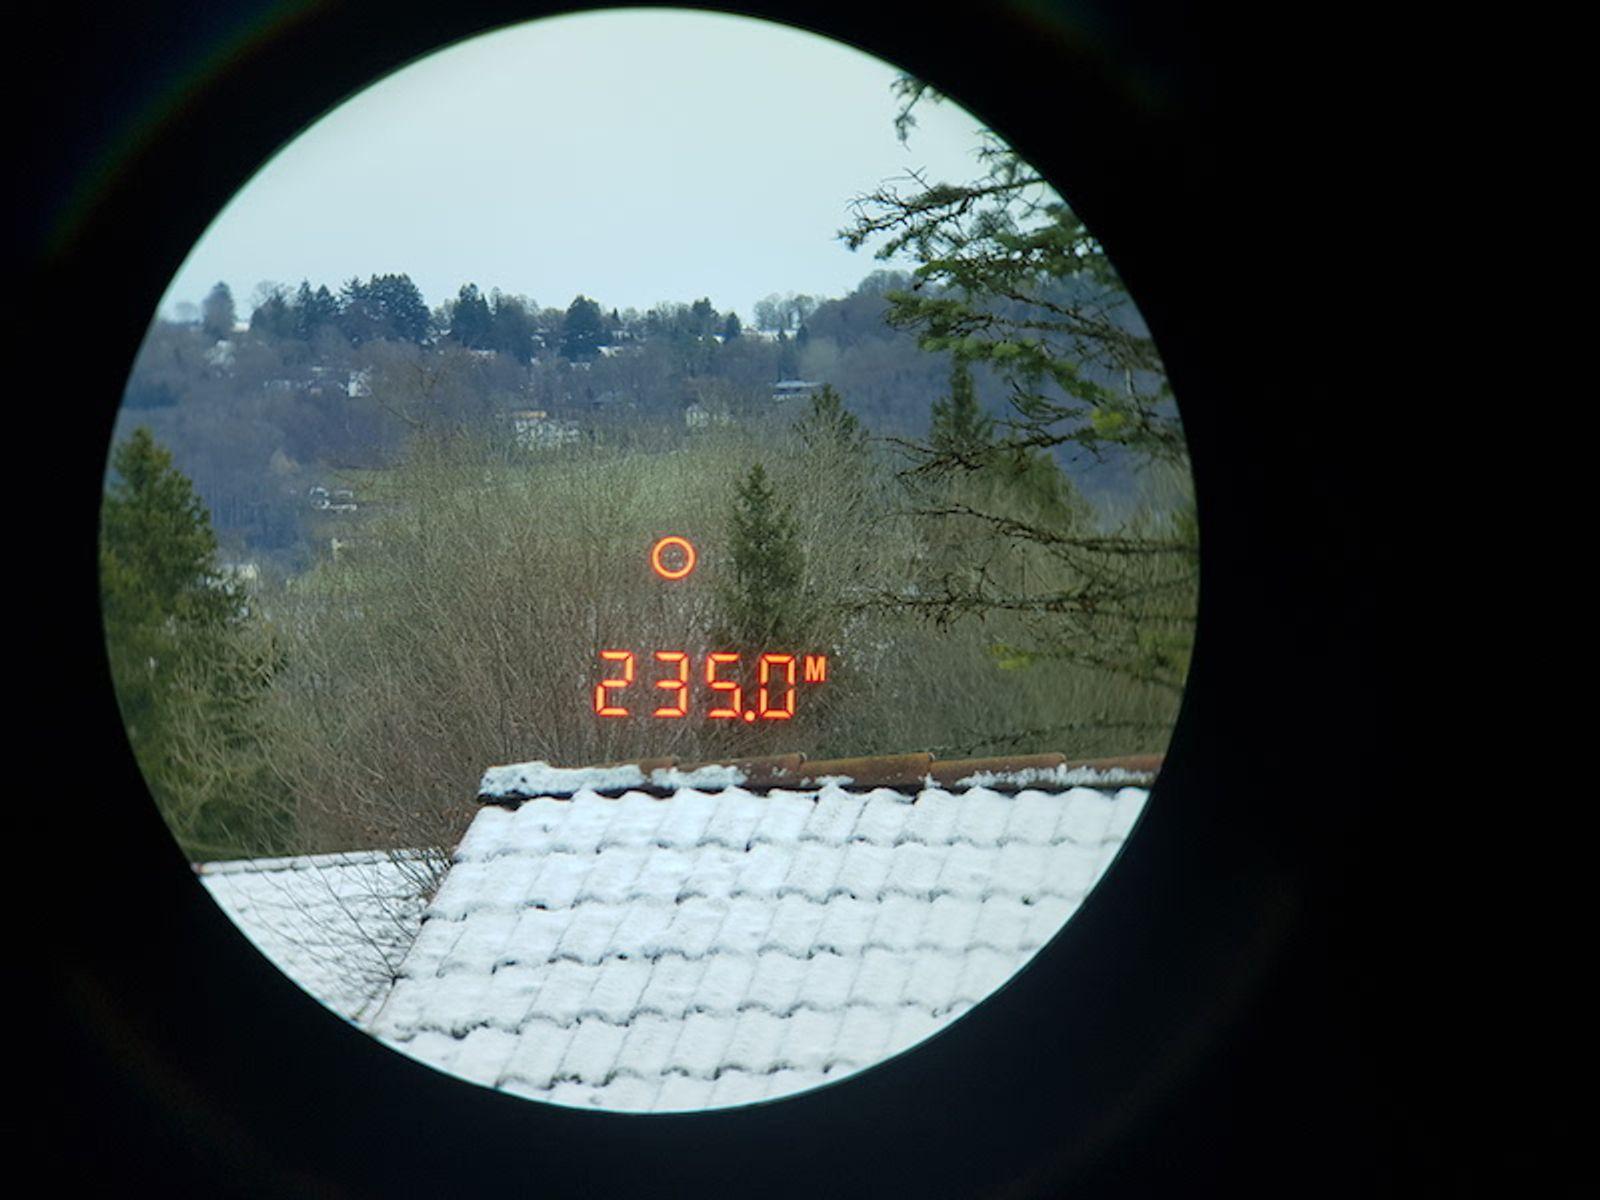 Nikon Laser Entfernungsmesser Aculon : Nikon entfernungsmesser lrf aculon al ebay